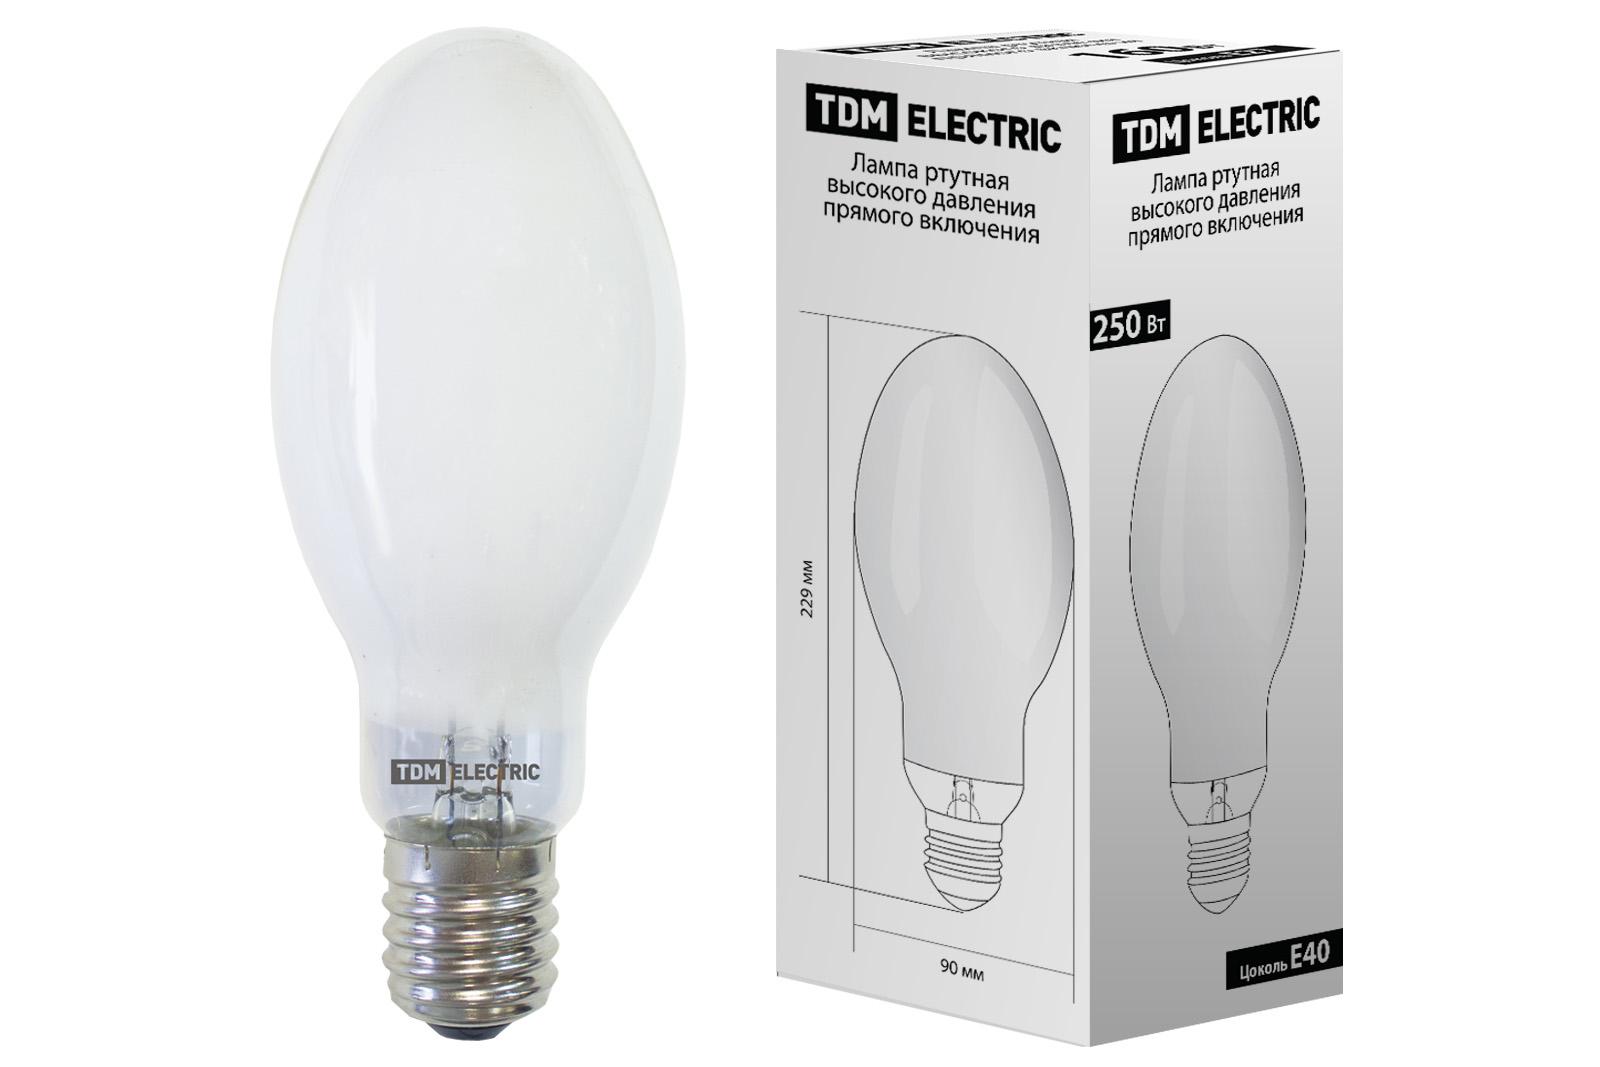 Лампа ртутная высокого давления прямого включения ДРВ 250 Вт Е40 TDM SQ0325-0020 TDM Electric